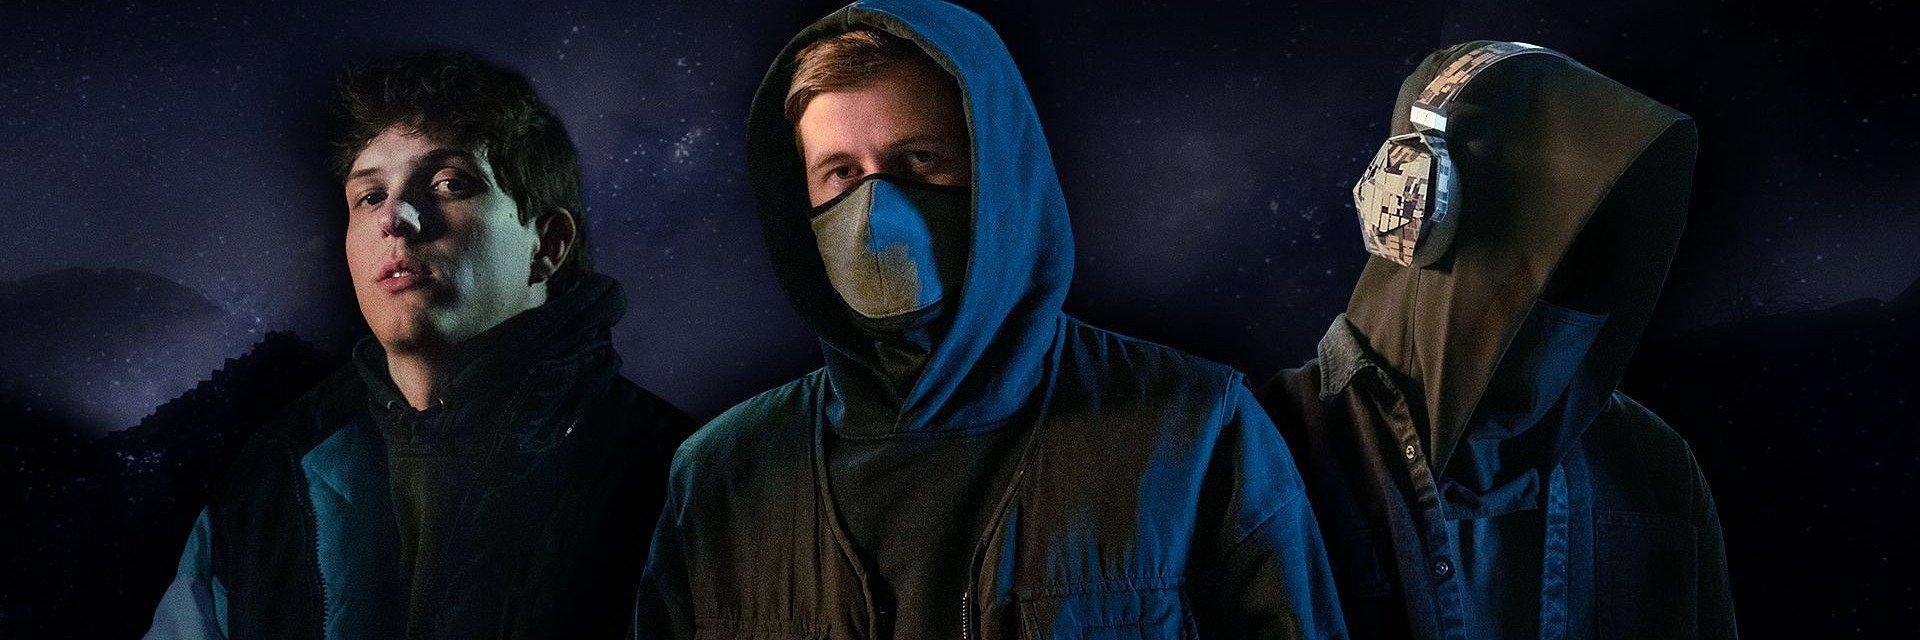 Alan Walker rozpoczyna nowy rozdział z Boy In Space i K-391